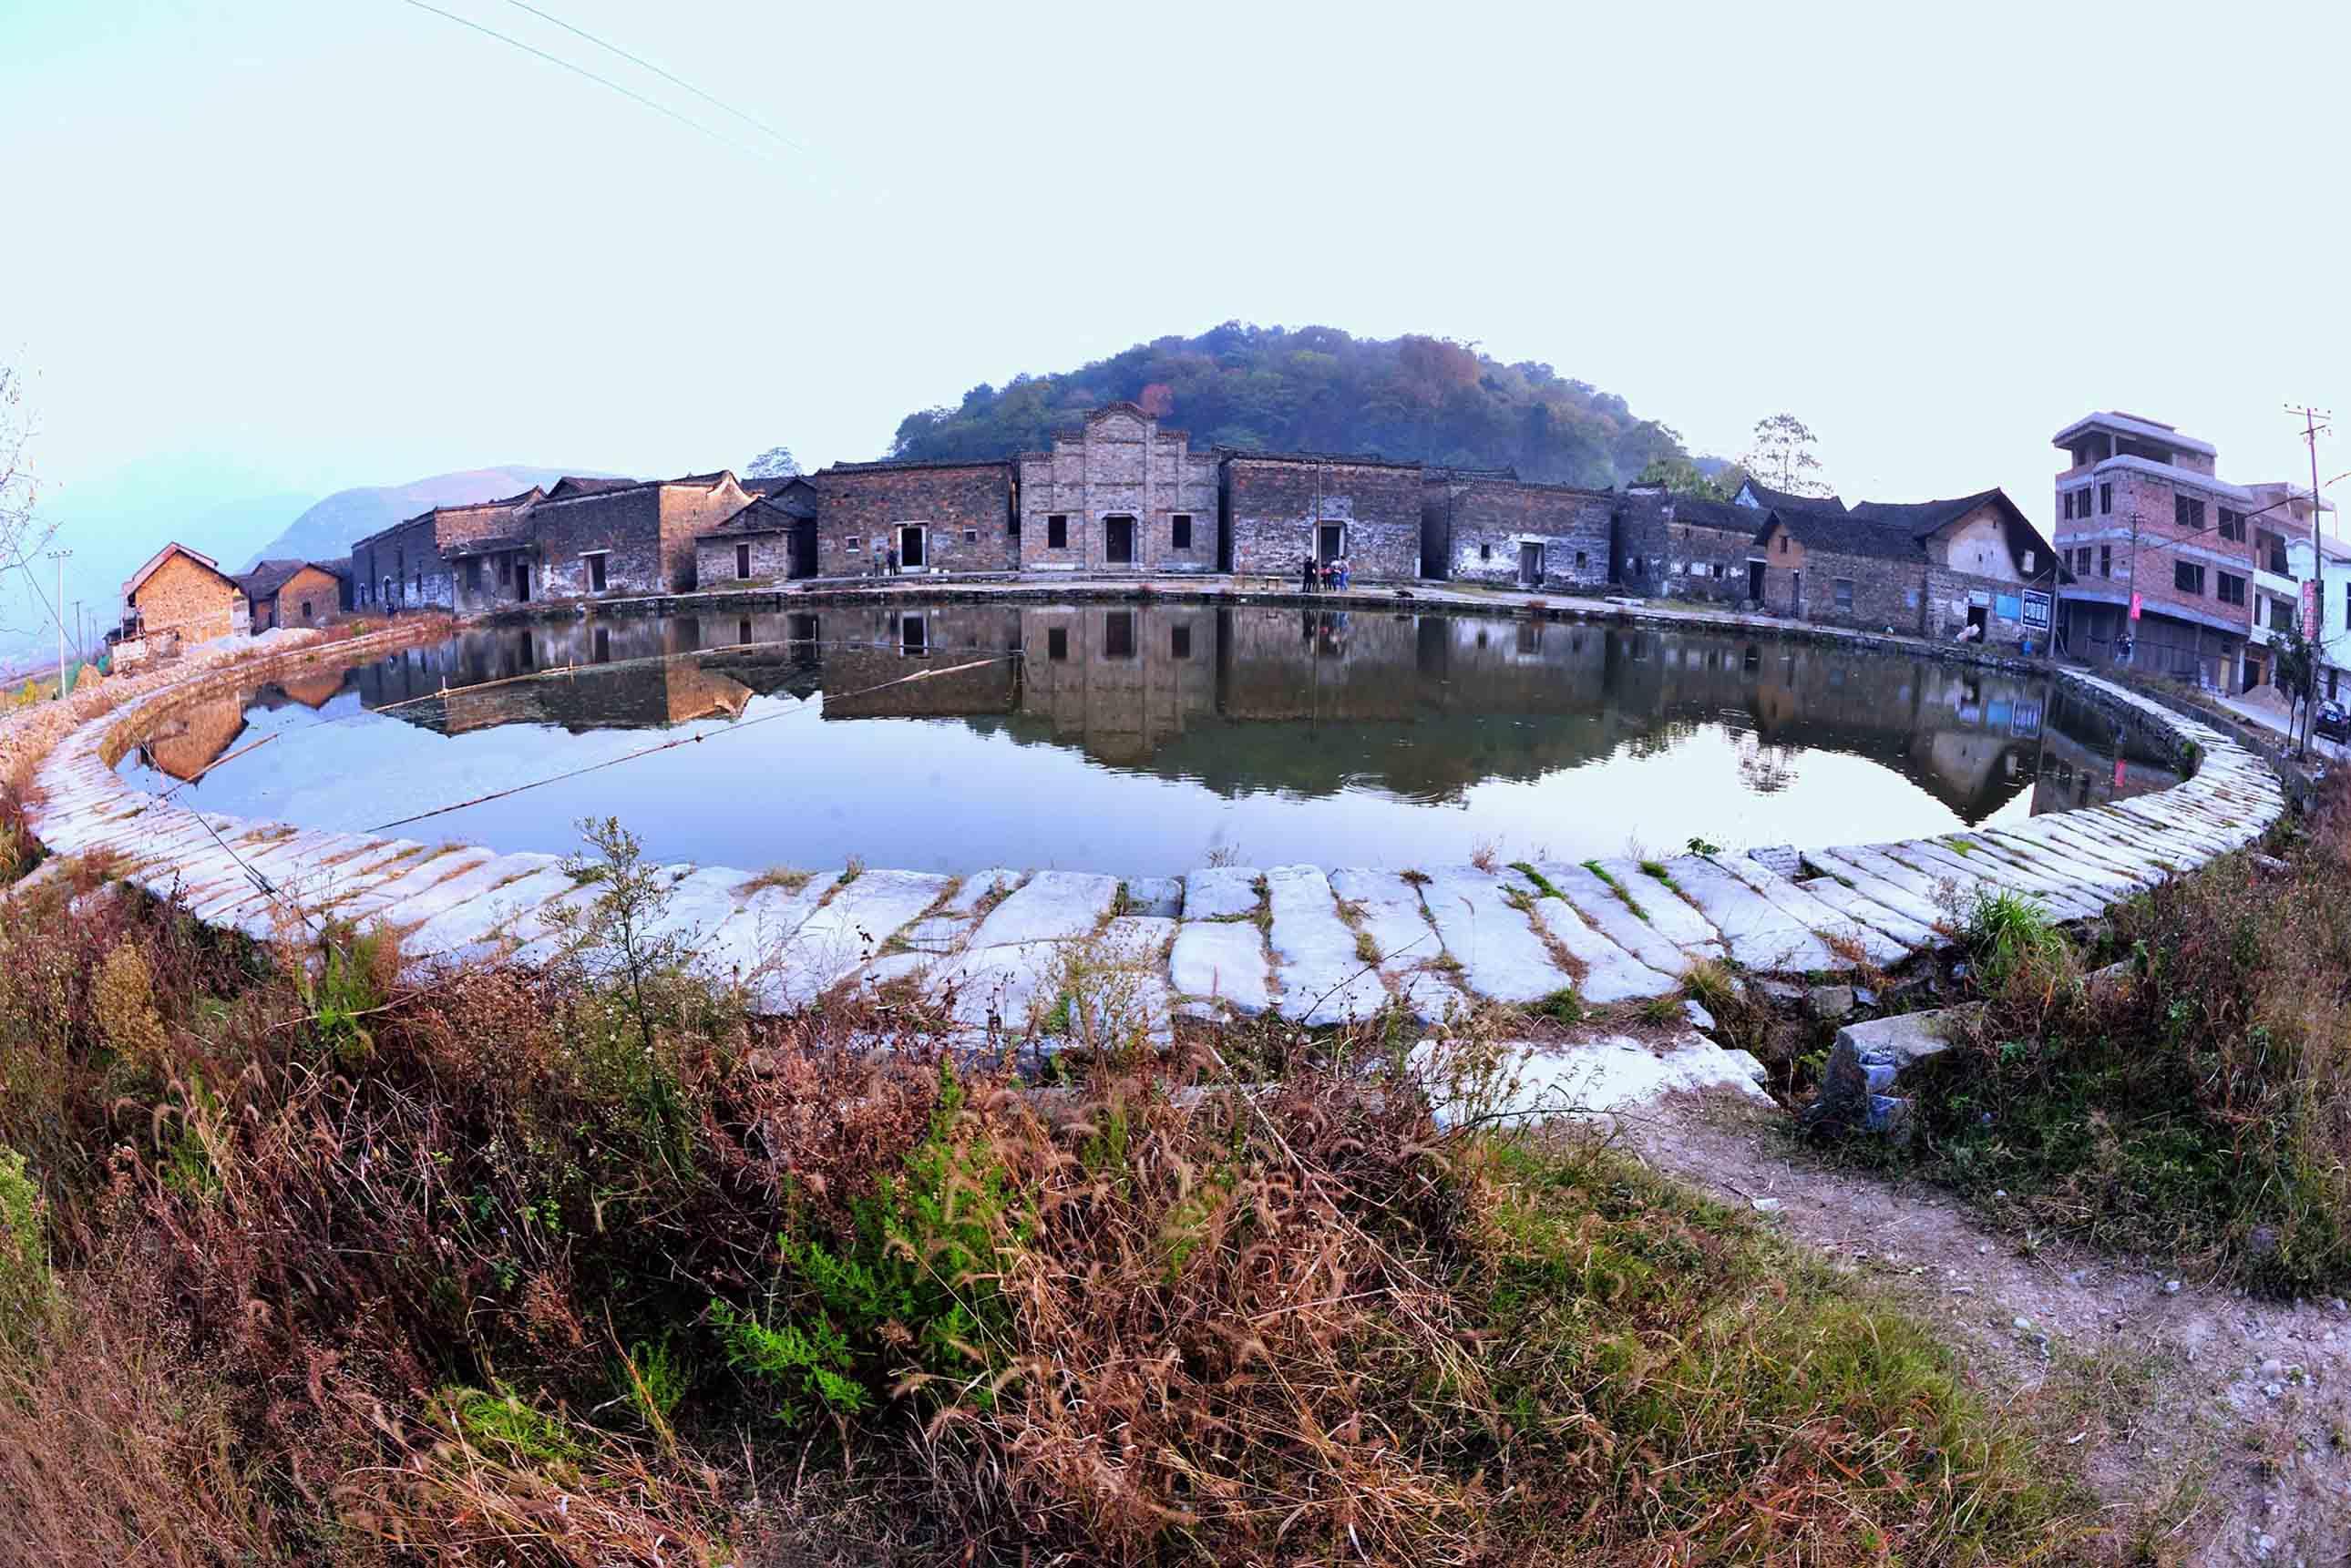 此古建筑是湖南省衡阳常宁市庙前镇中田村古民居,始建于永乐二年